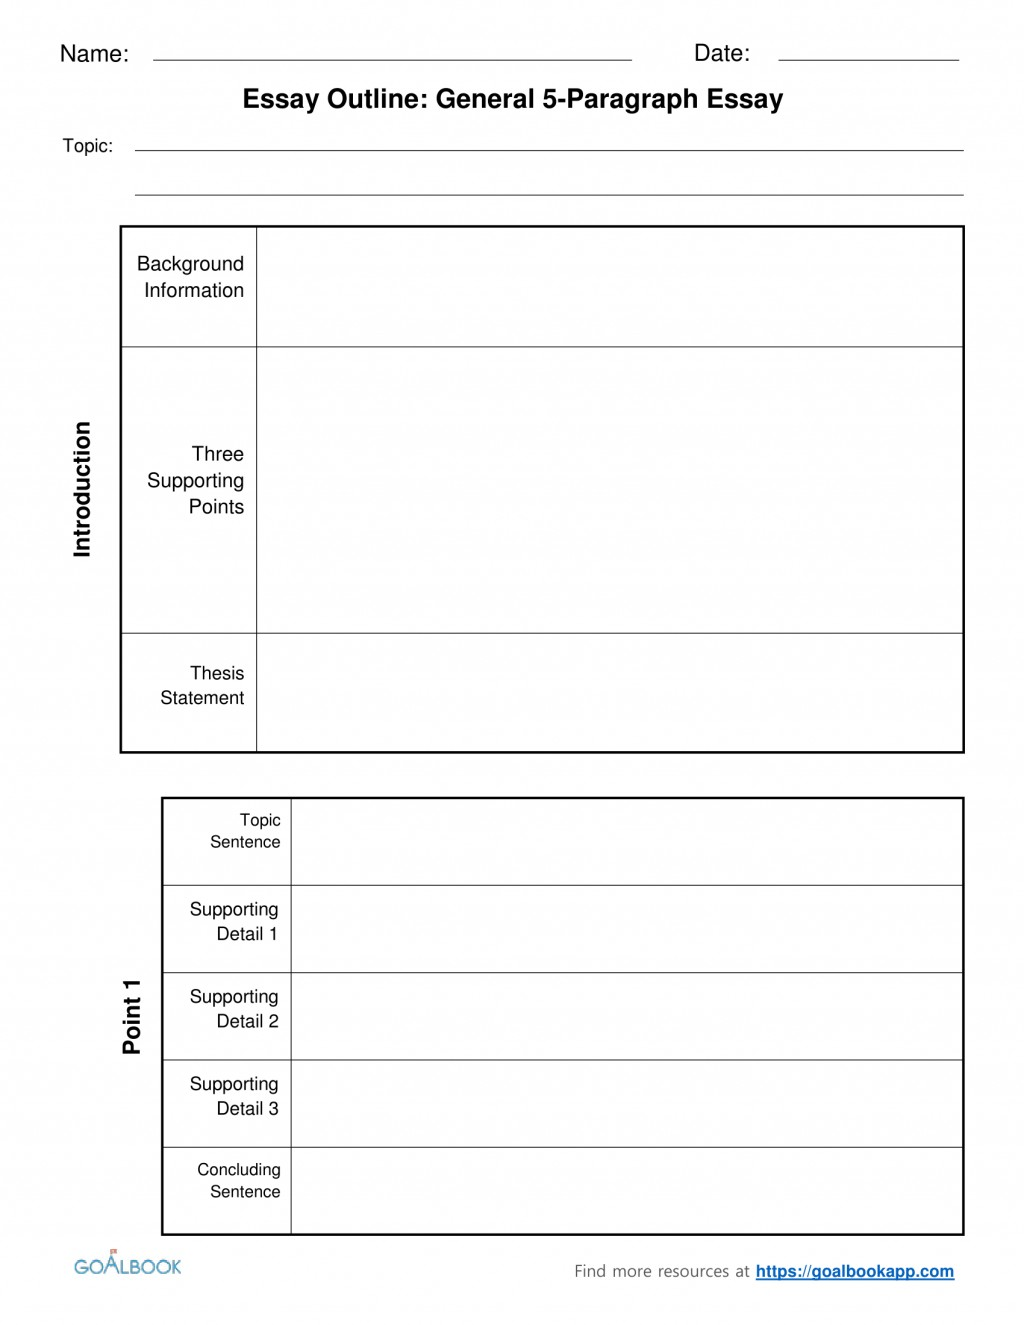 008 Essay Example 1fiveparagraphessayoutlinechunked Outline Impressive Of Argumentative Sample Mla Format Large